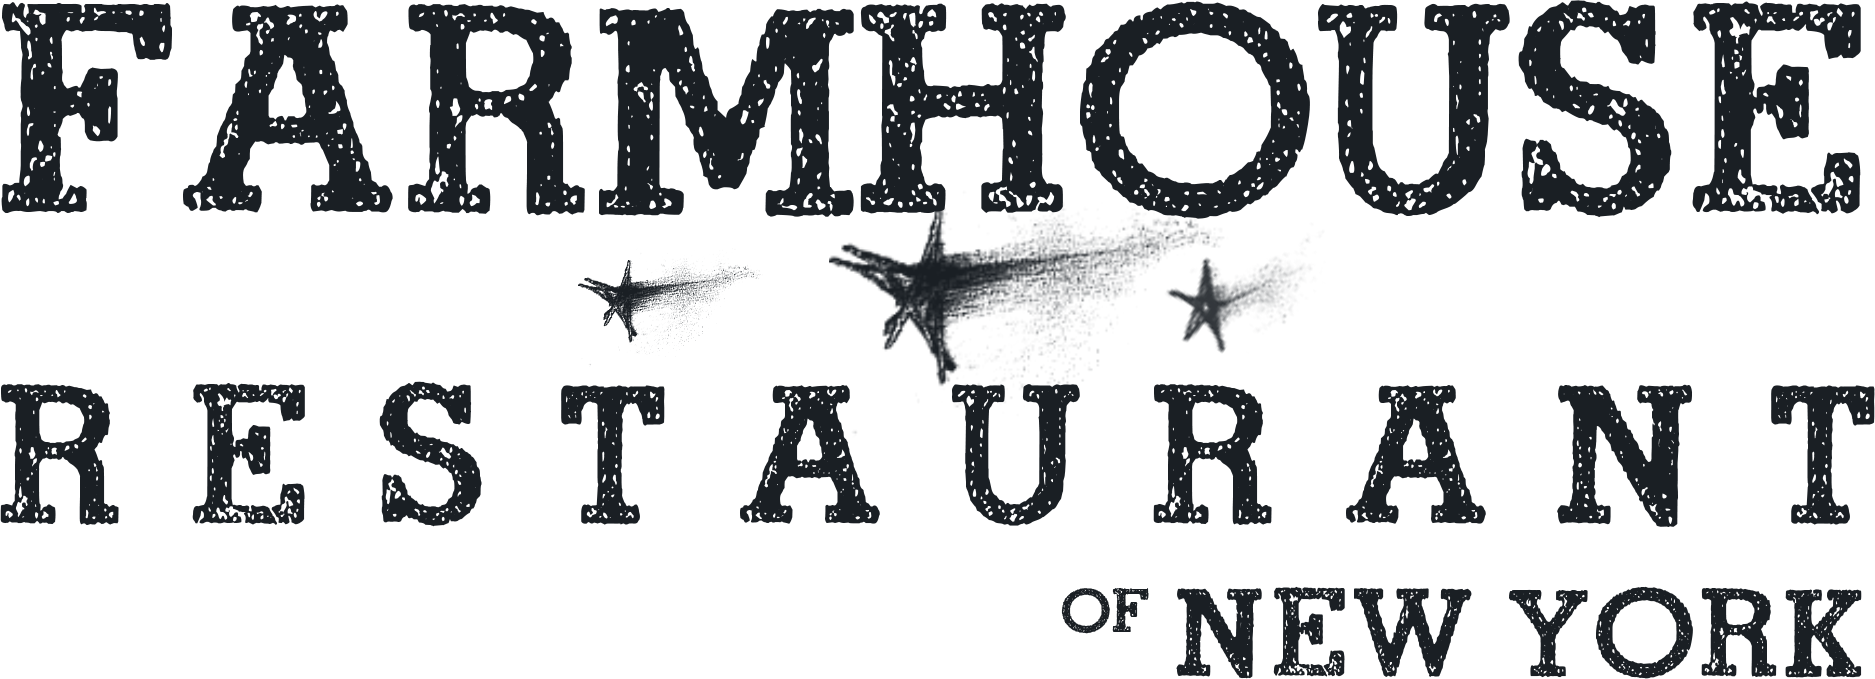 Restaurant new york city. Farmhouse clipart barnhouse